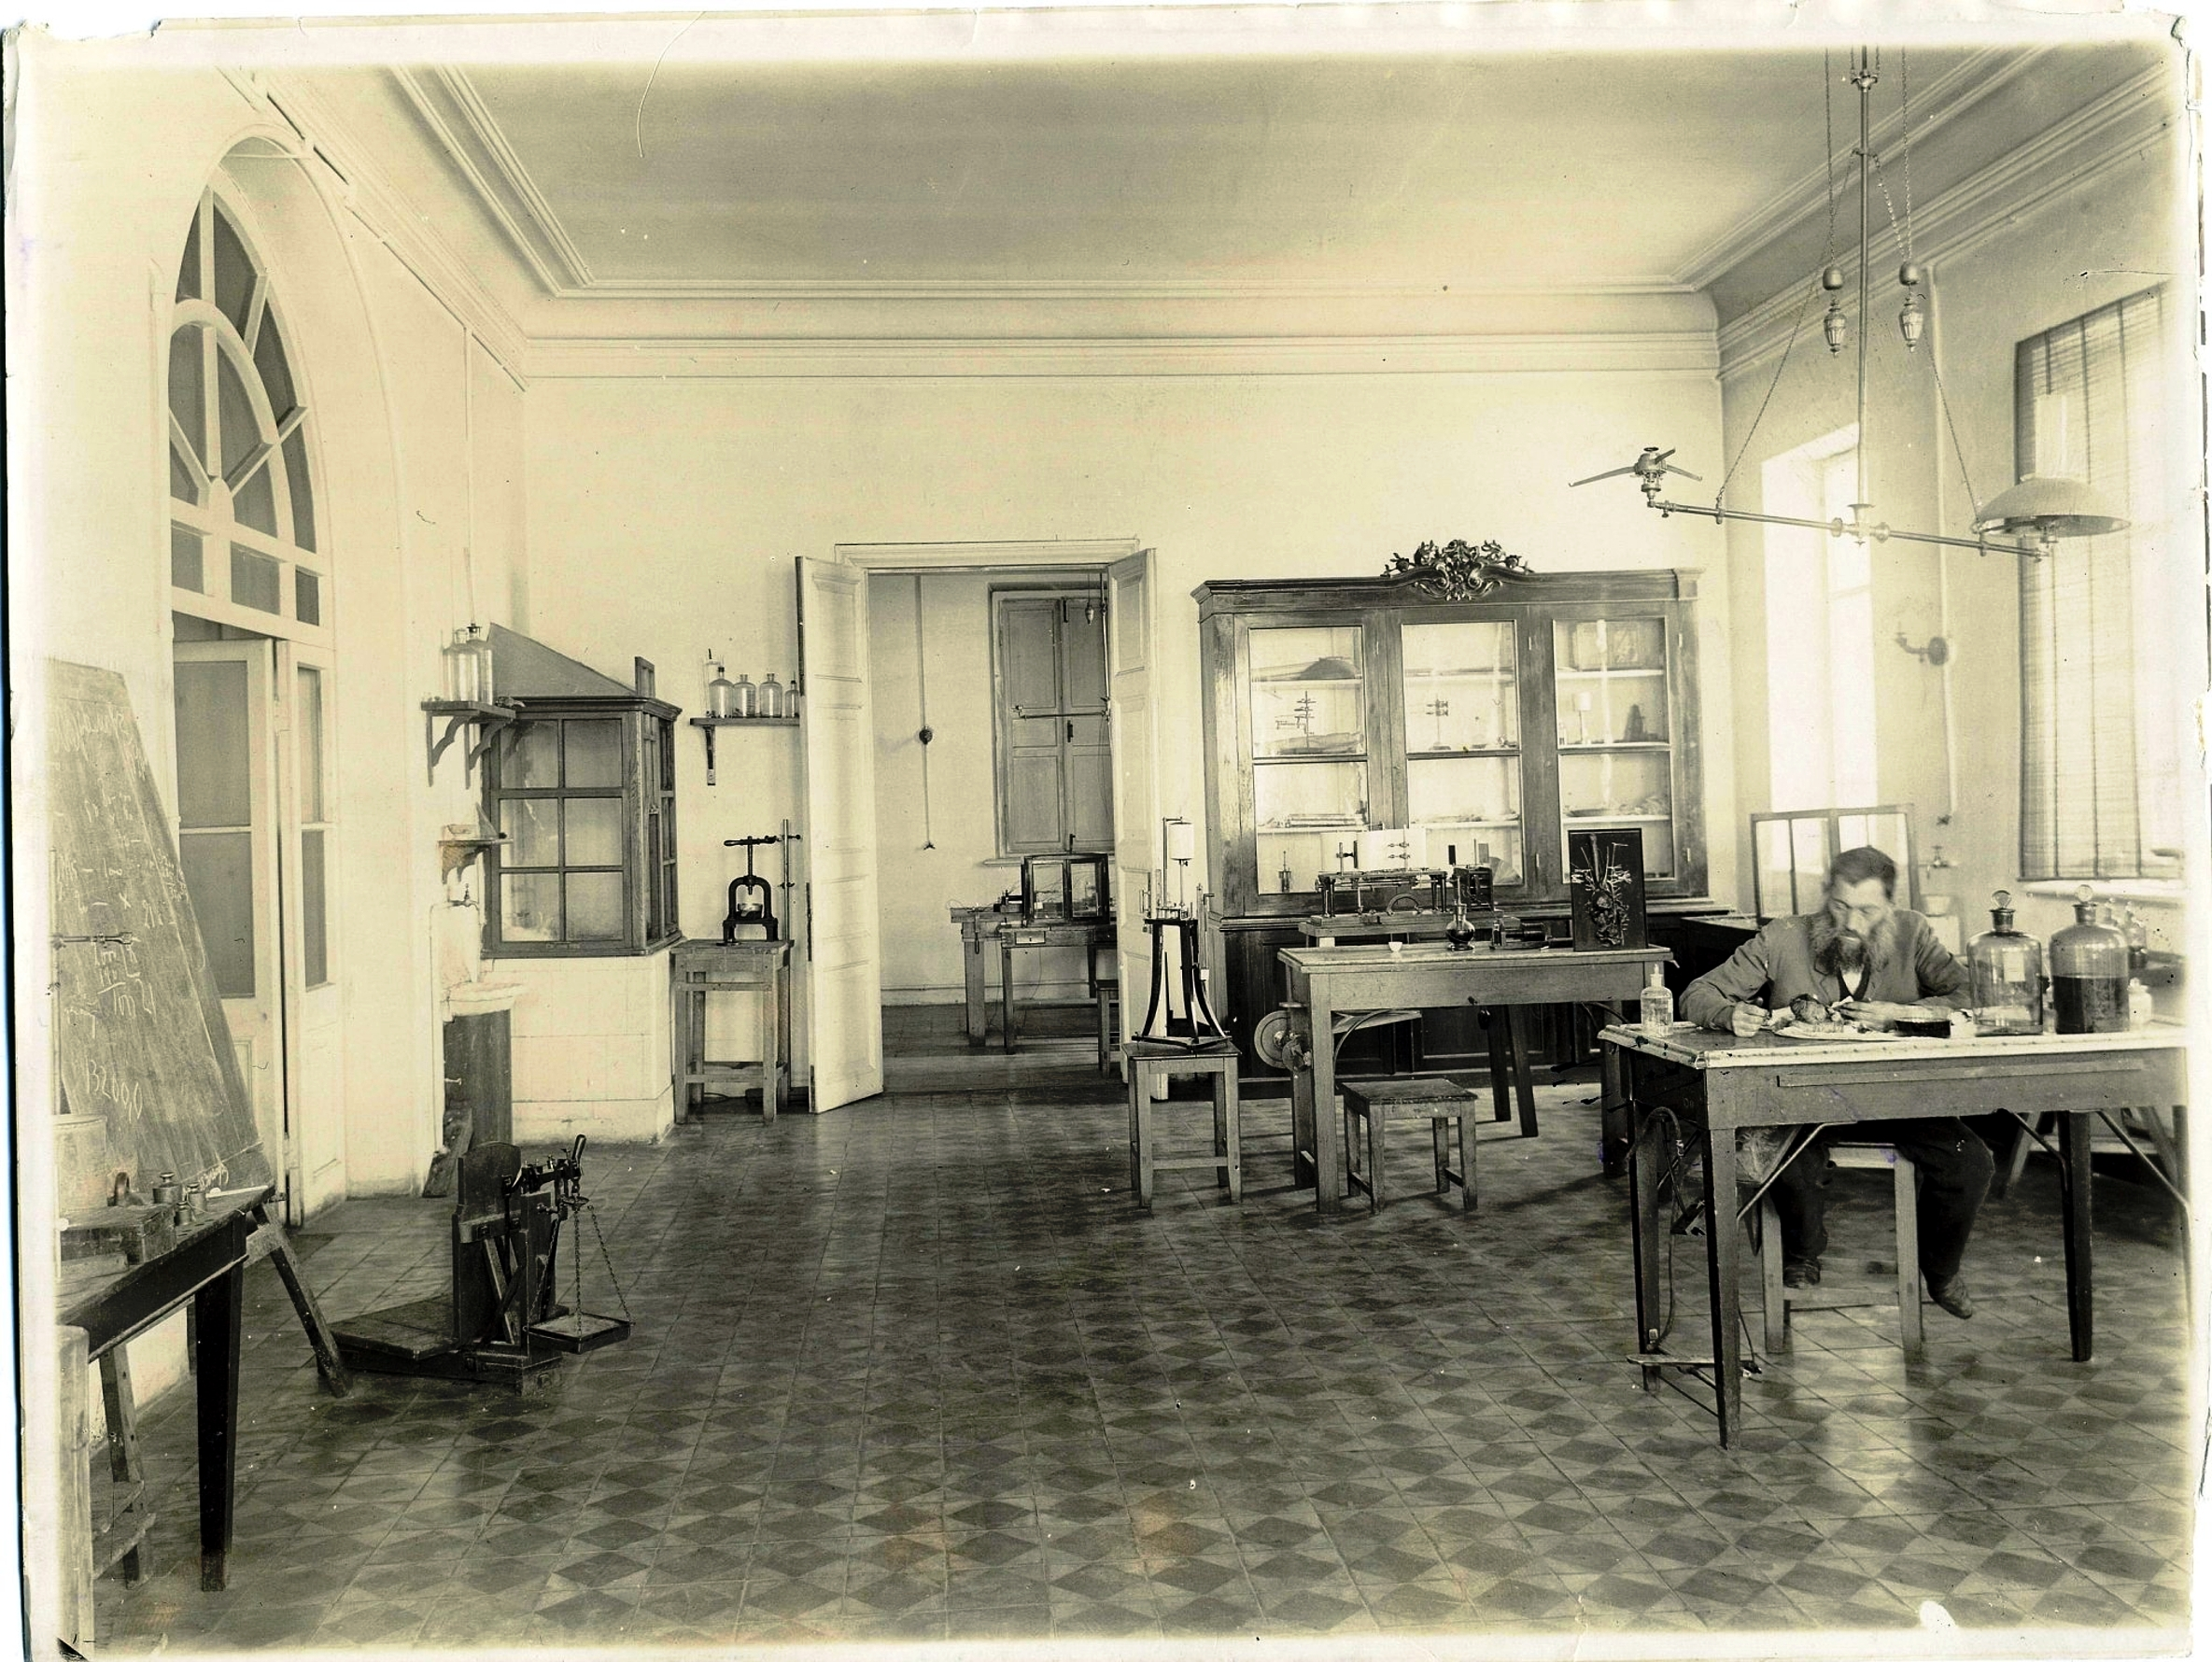 Аудитория медицинской лаборатории в нижнем этаже 1896